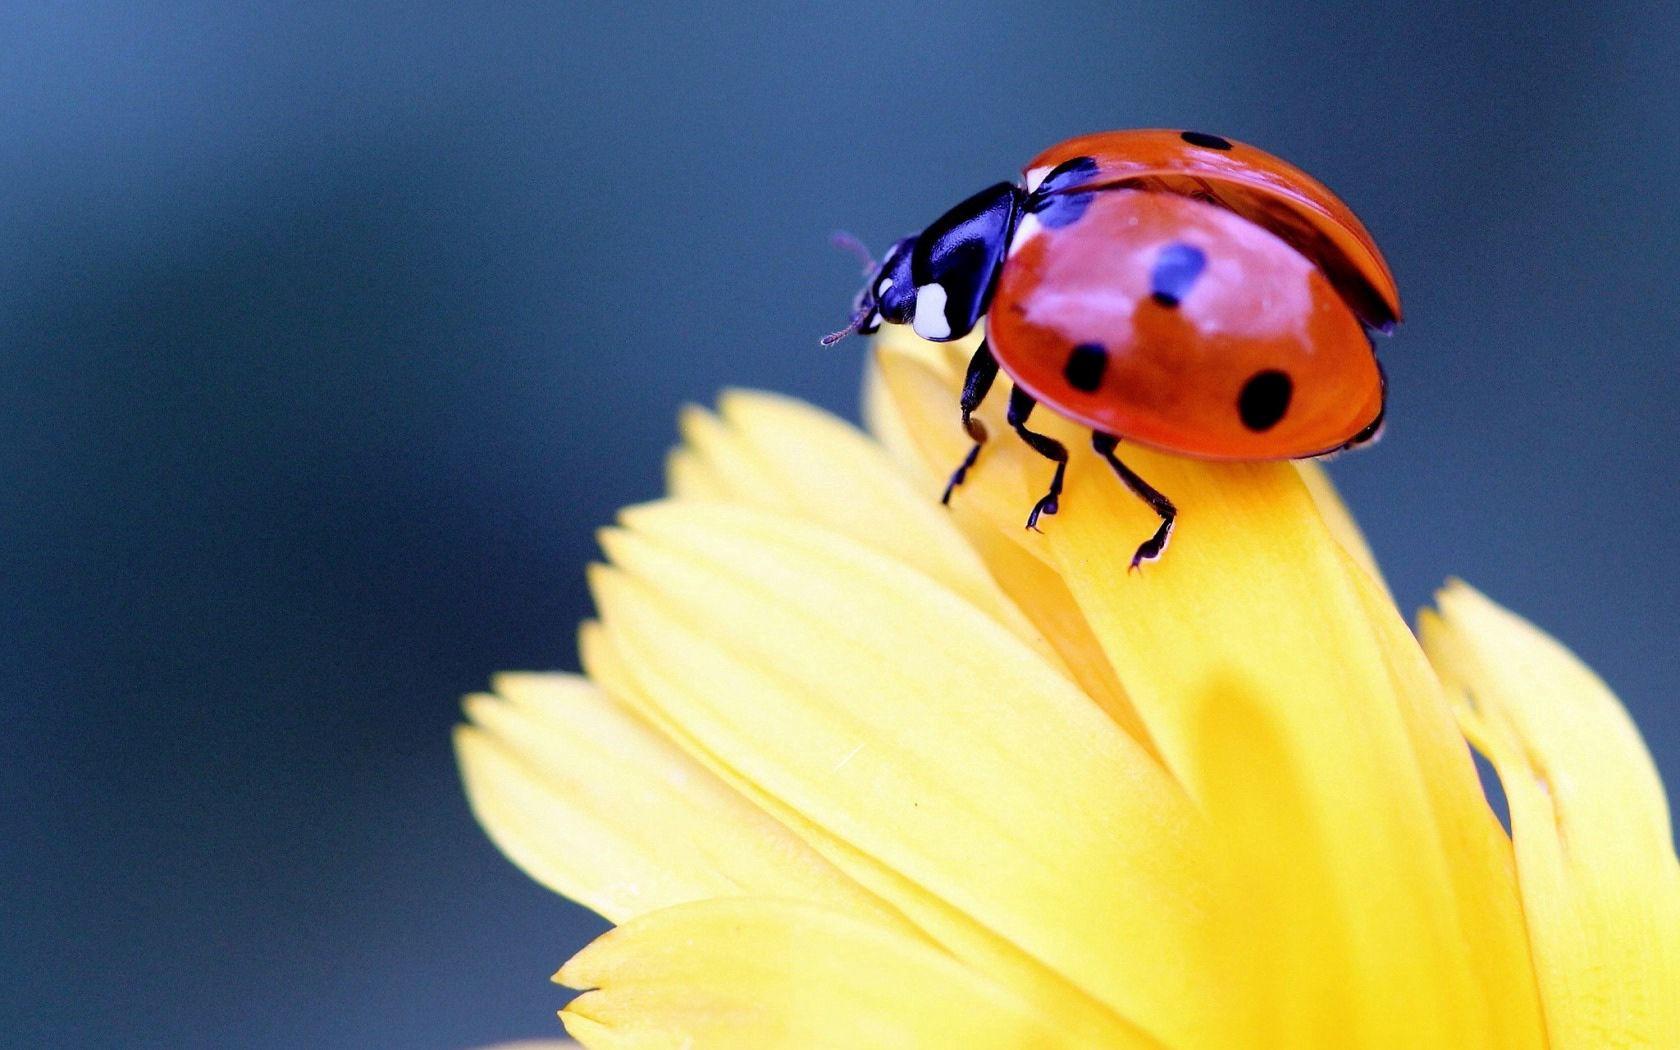 140084 Hintergrundbild herunterladen Marienkäfer, Blume, Makro, Ladybird, Blütenblatt - Bildschirmschoner und Bilder kostenlos